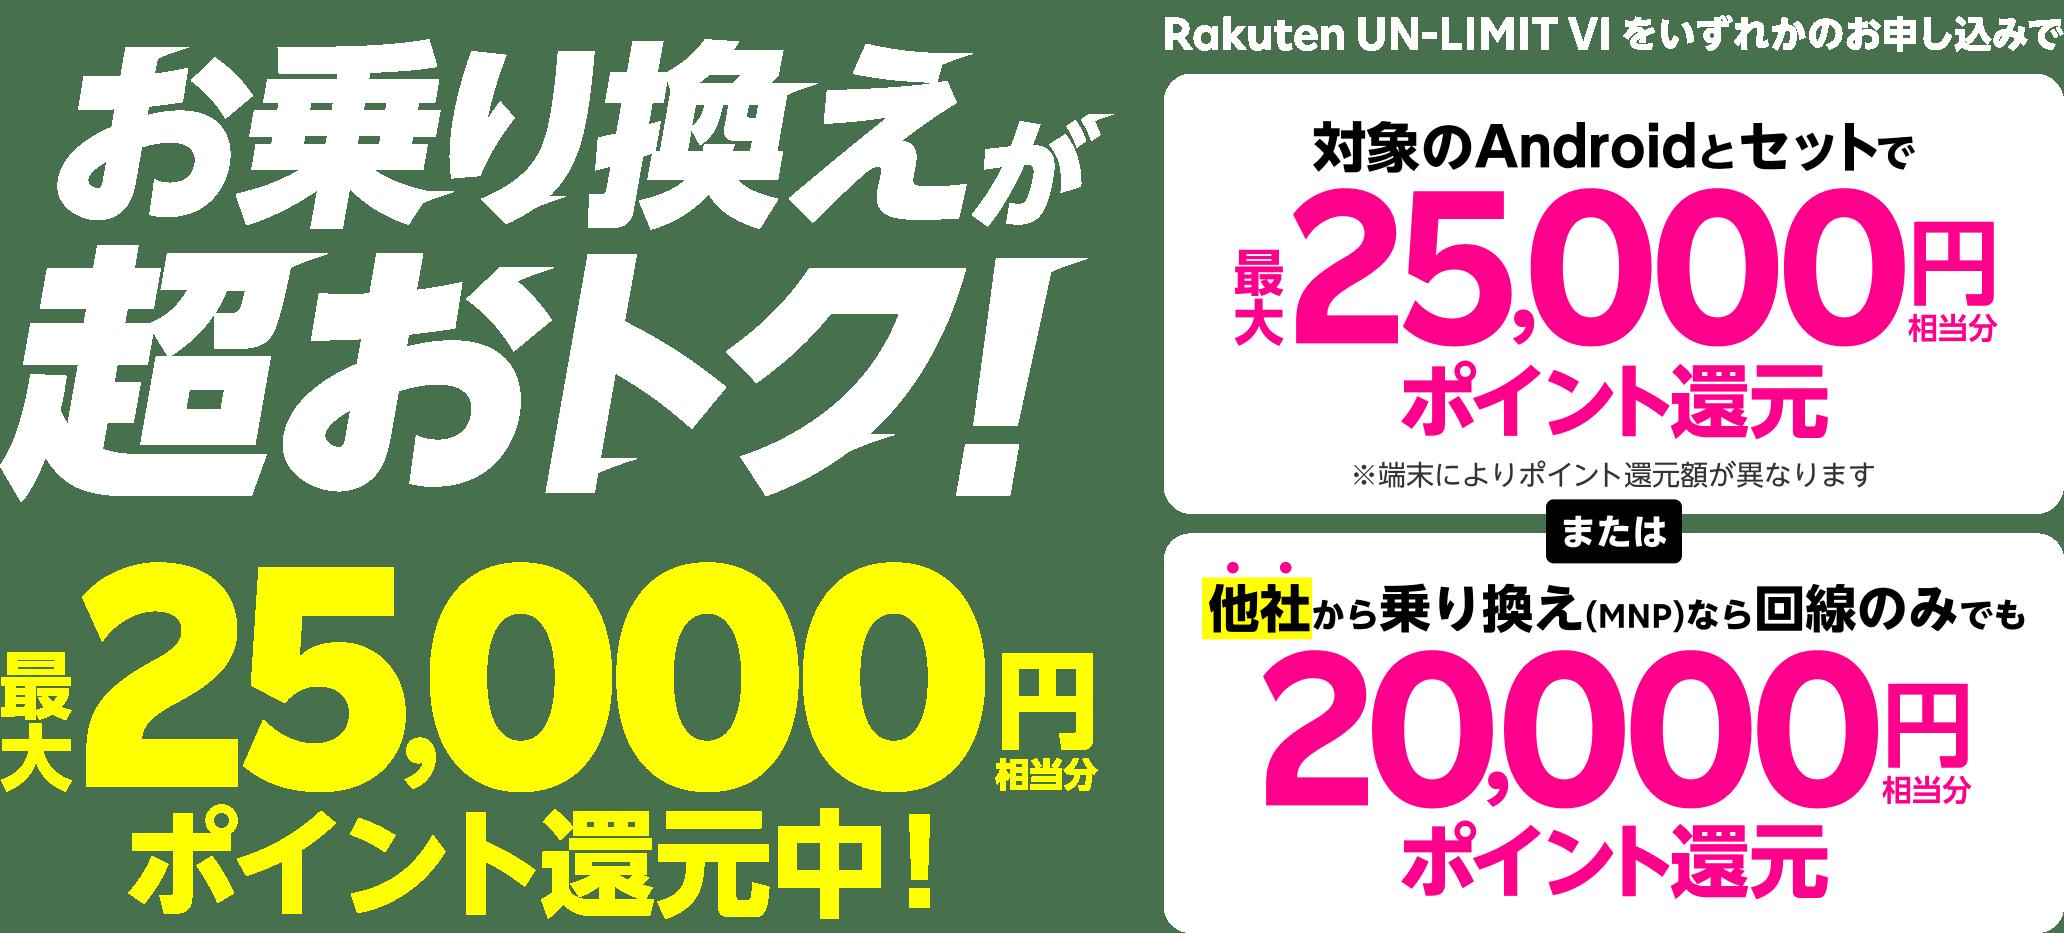 最大27,000ポイント還元キャンペーン